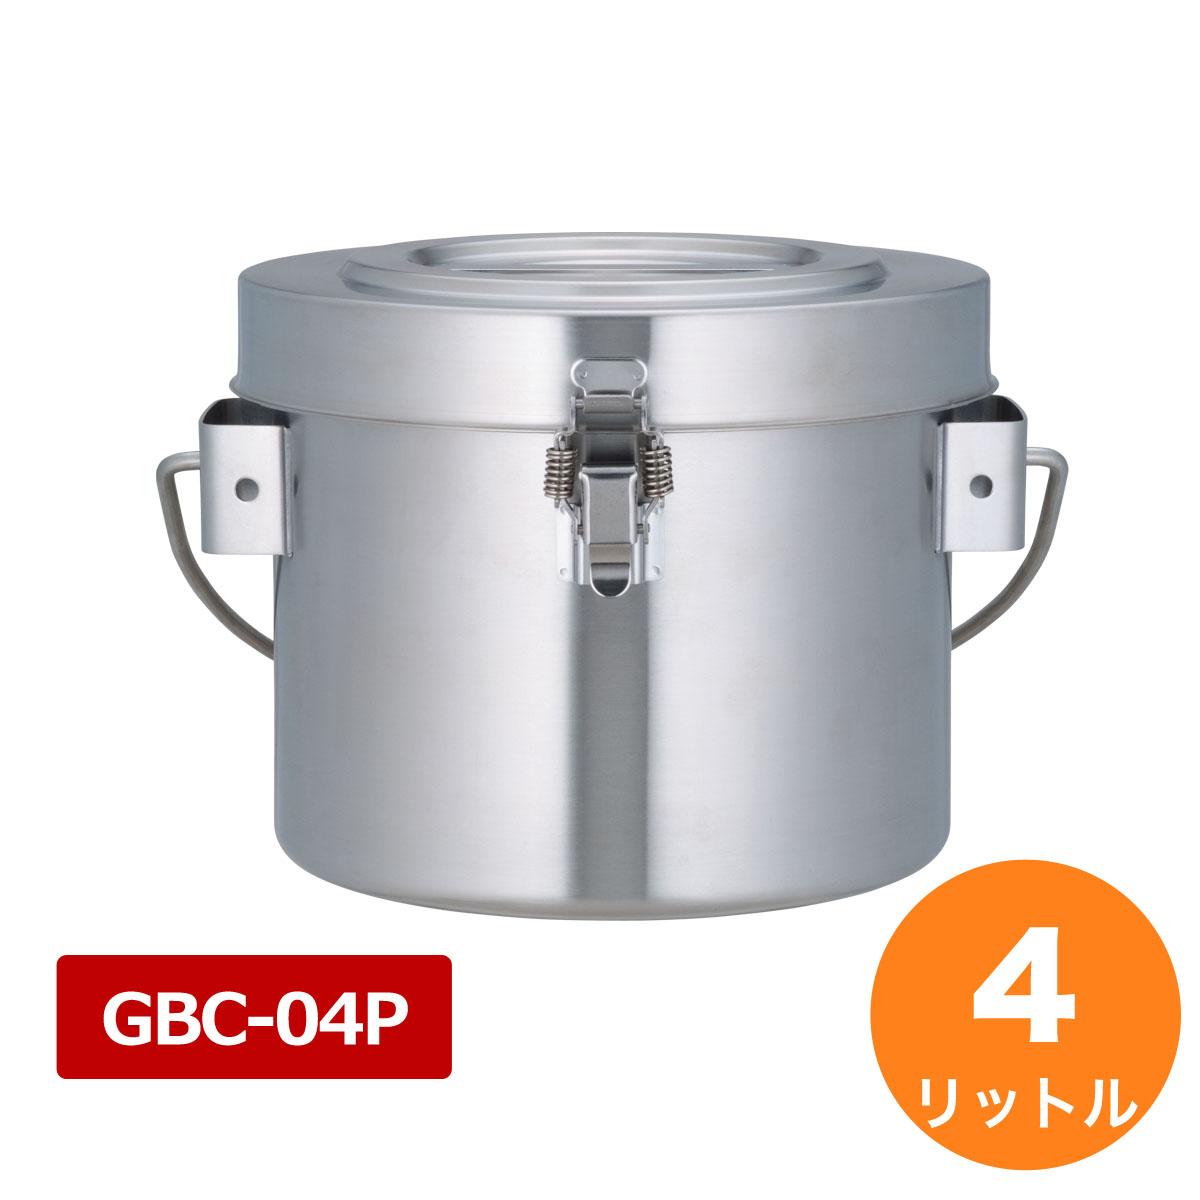 送料無料 サーモス 高性能保温食缶 シャトルドラム パッキン付 GBC-04P